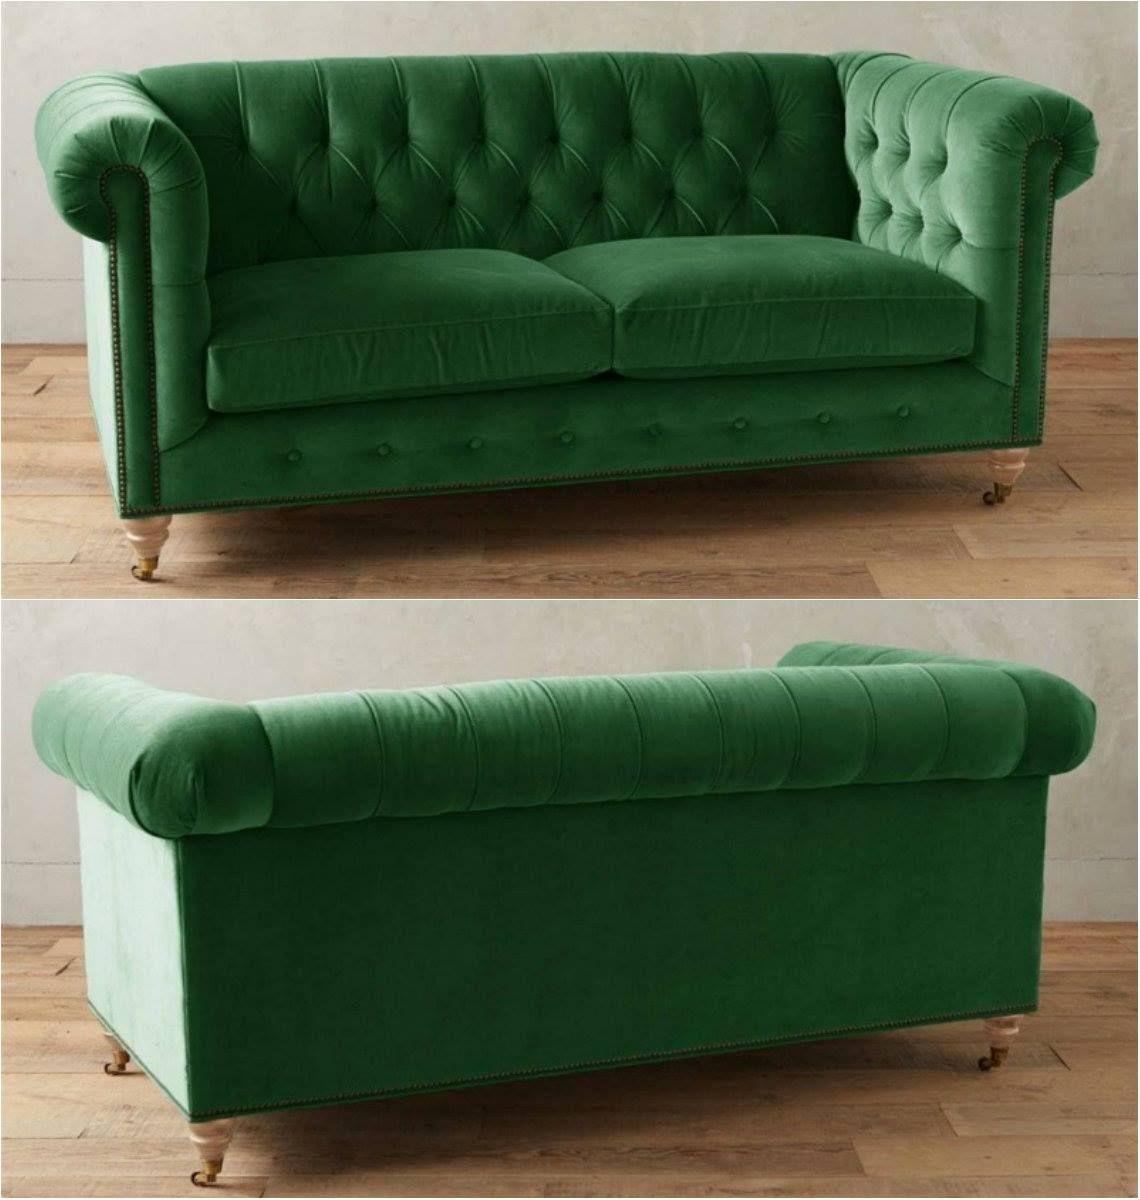 Green Tufted Velvet Chesterfield Sofa Green Sofa Design Green